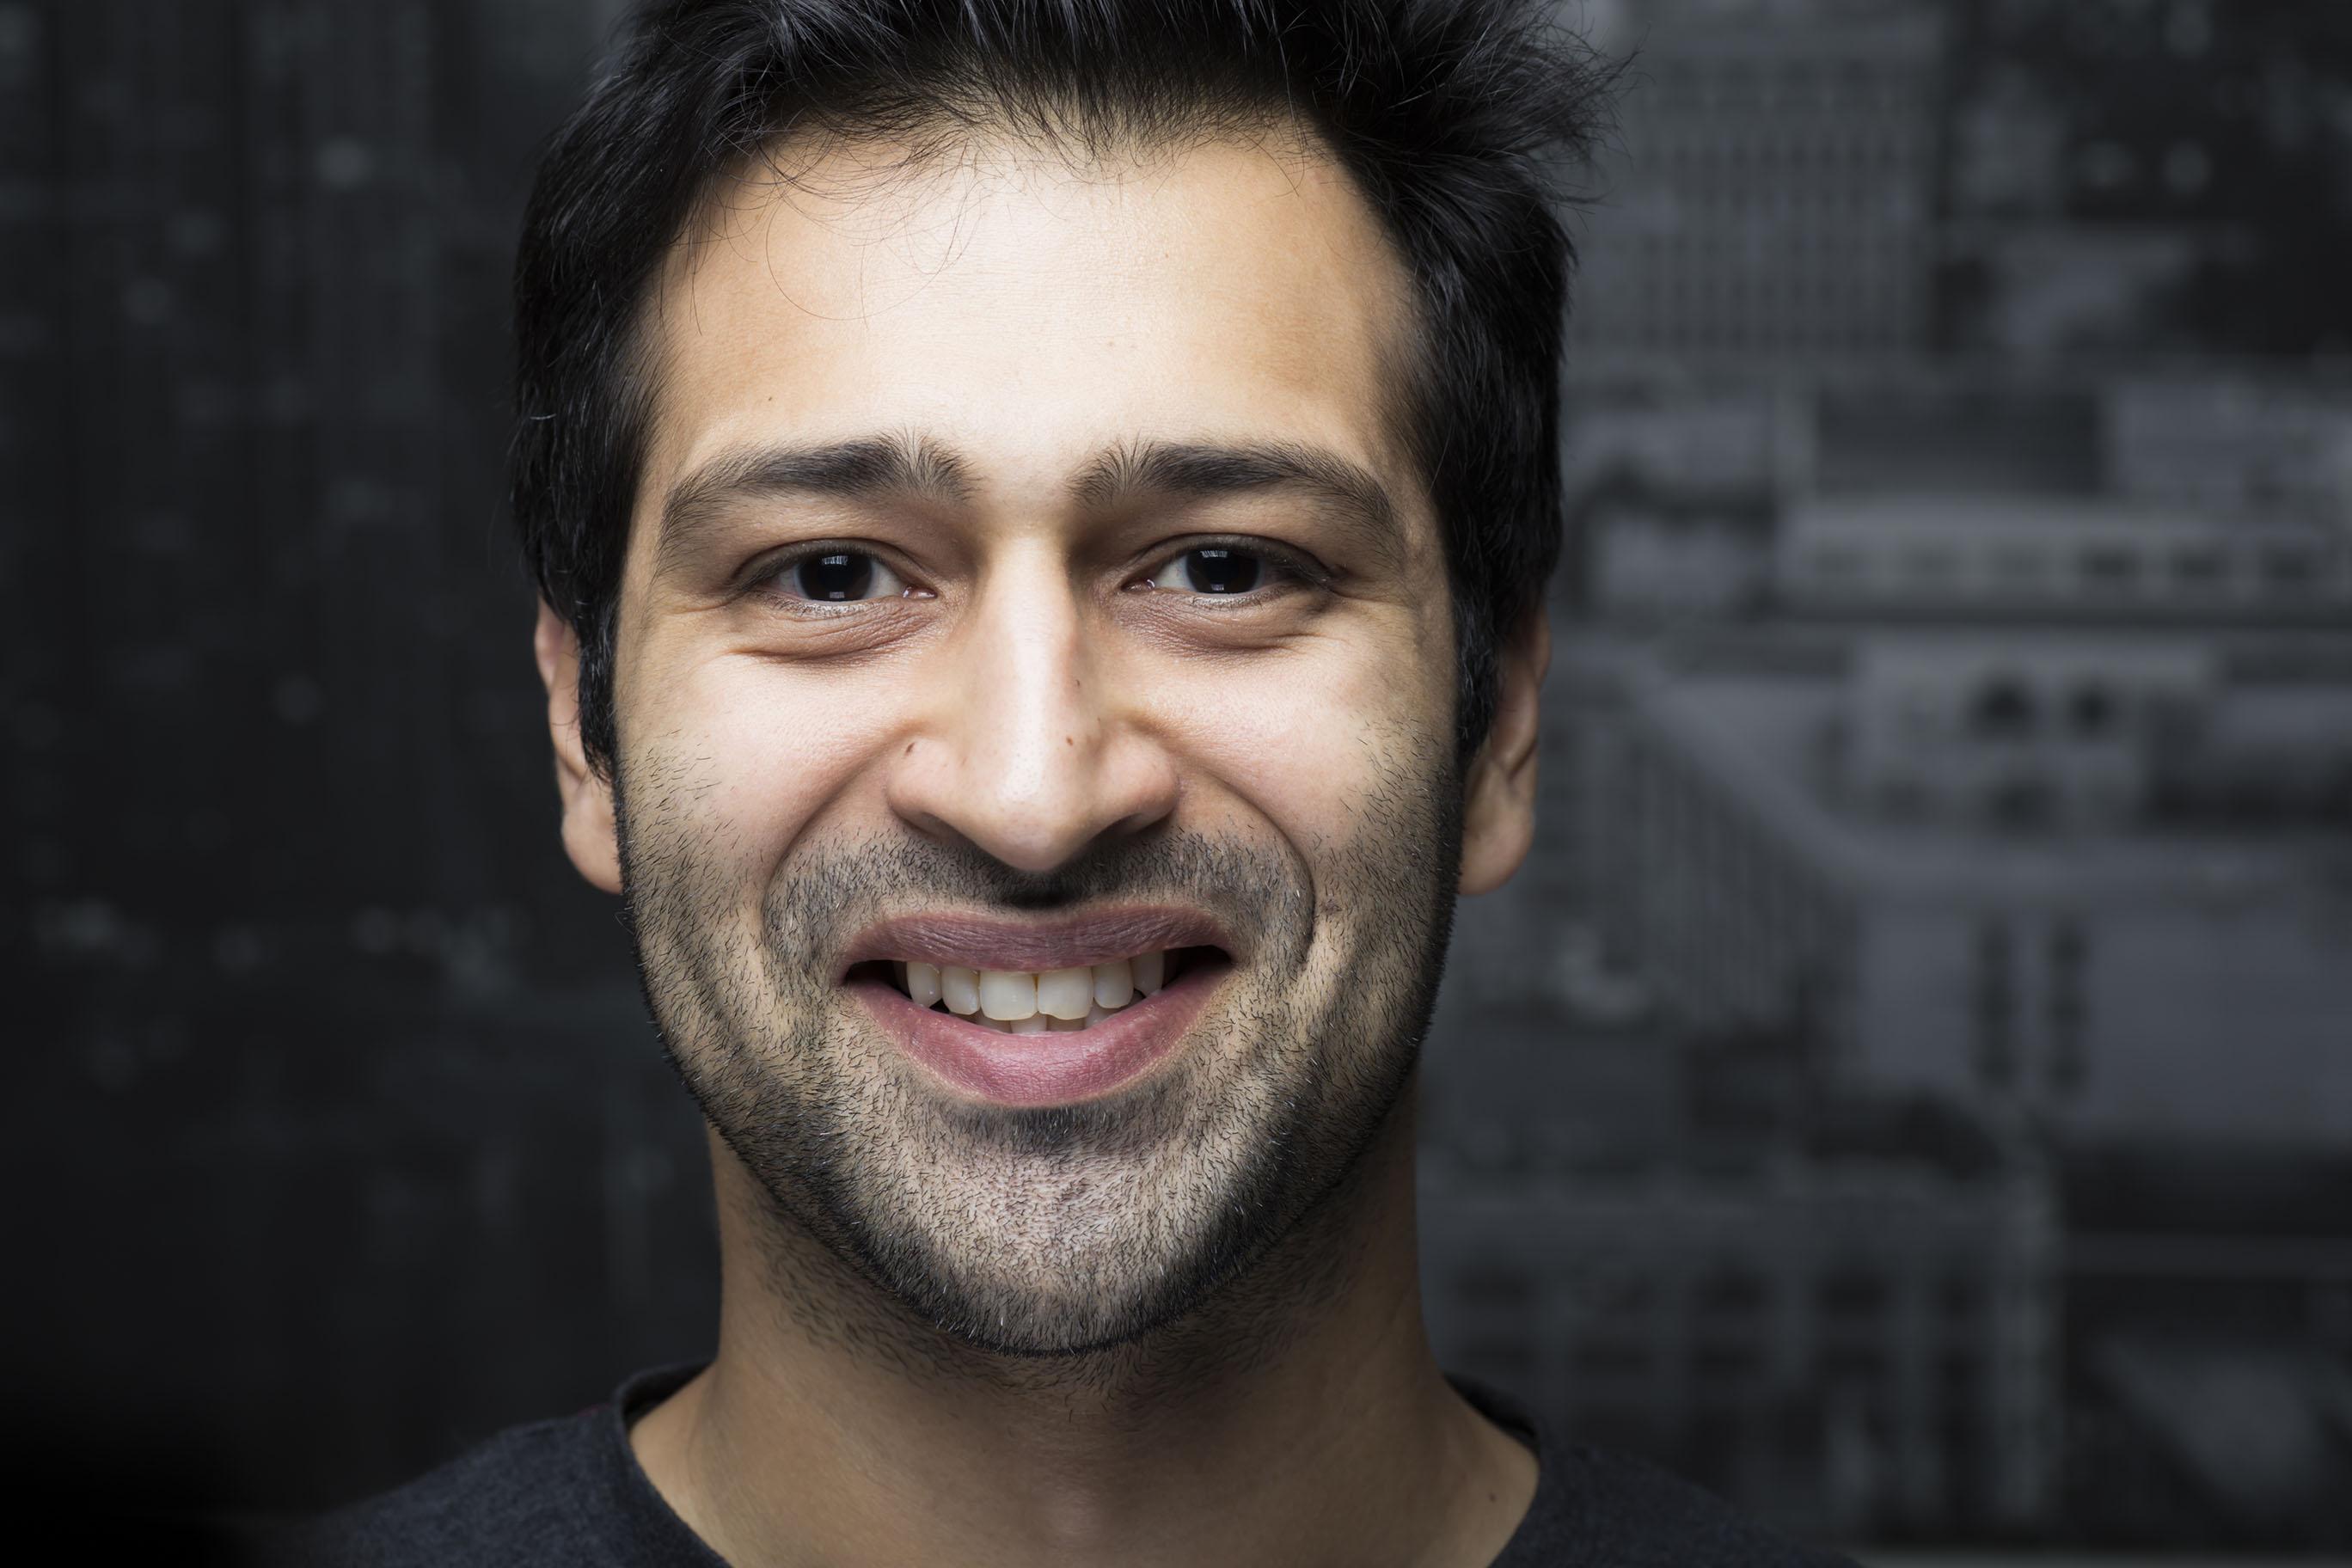 Sami Kizilbash